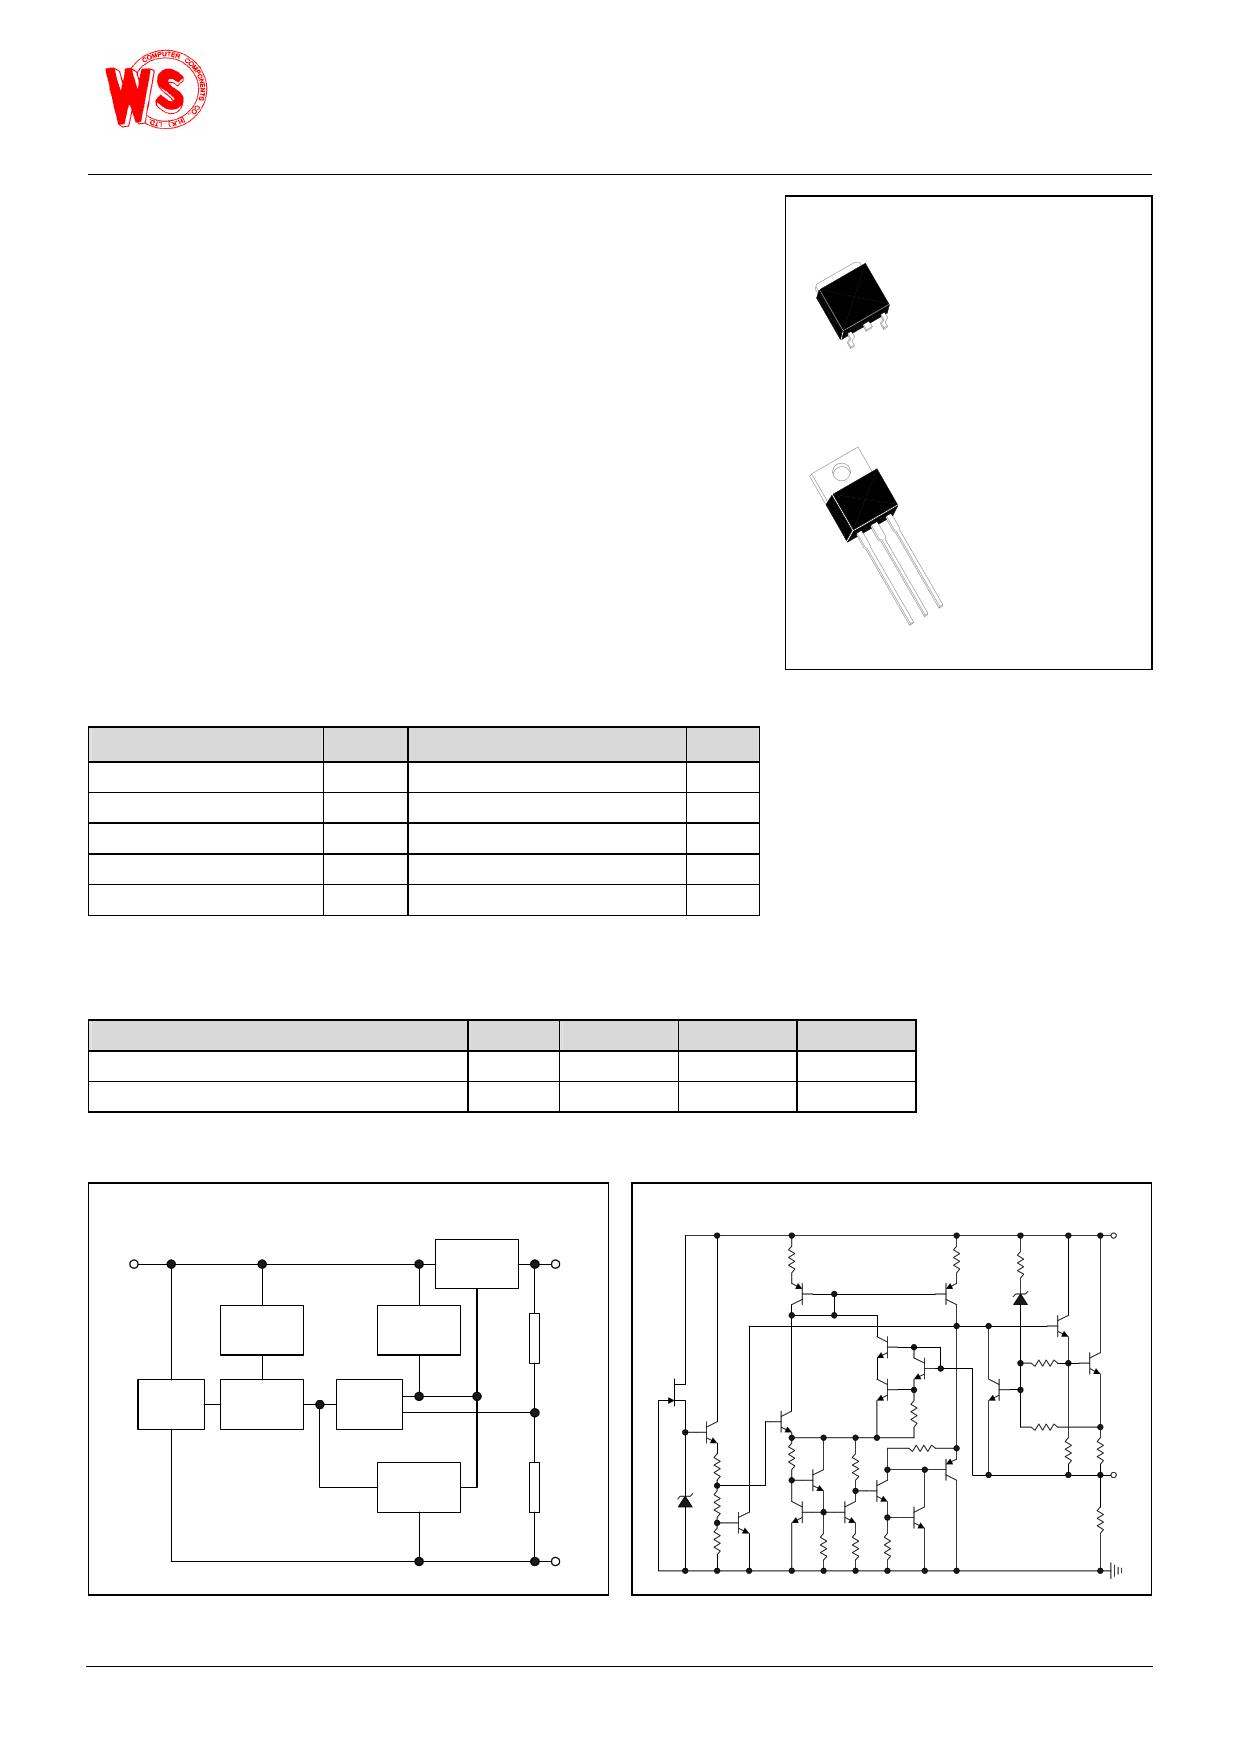 7805A دیتاشیت PDF